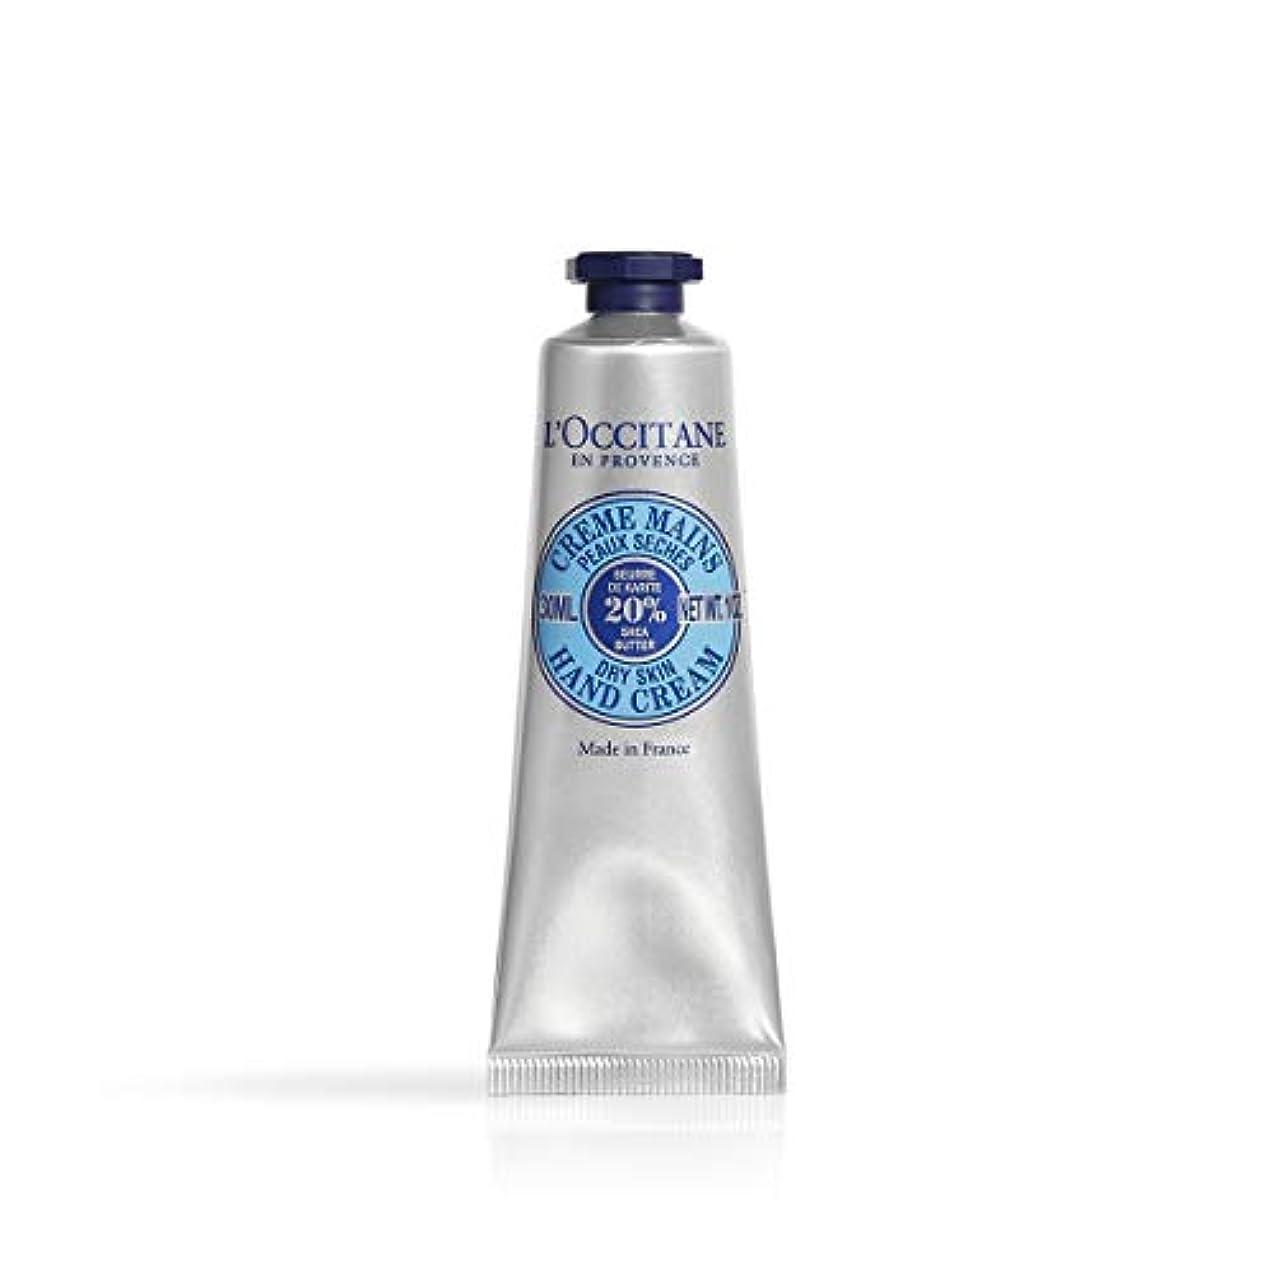 神経障害対応ファンドロクシタン(L'OCCITANE) シア ハンドクリーム 30ml